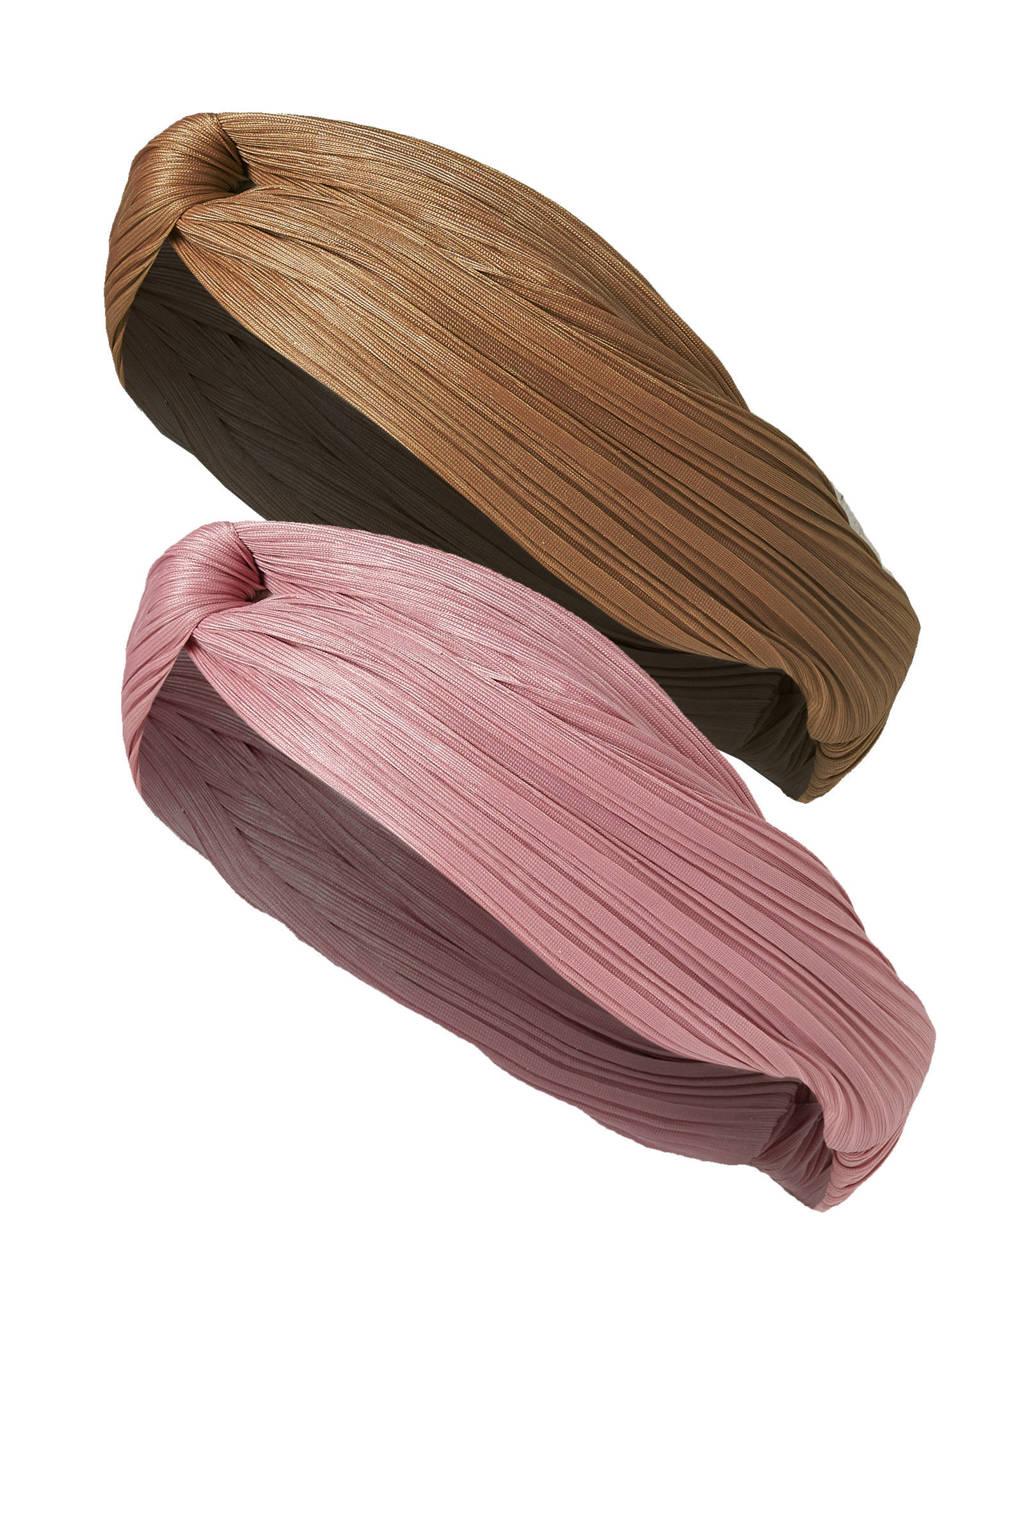 Sarlini haarband - set van 2 bruin/roze, Bruin/roze